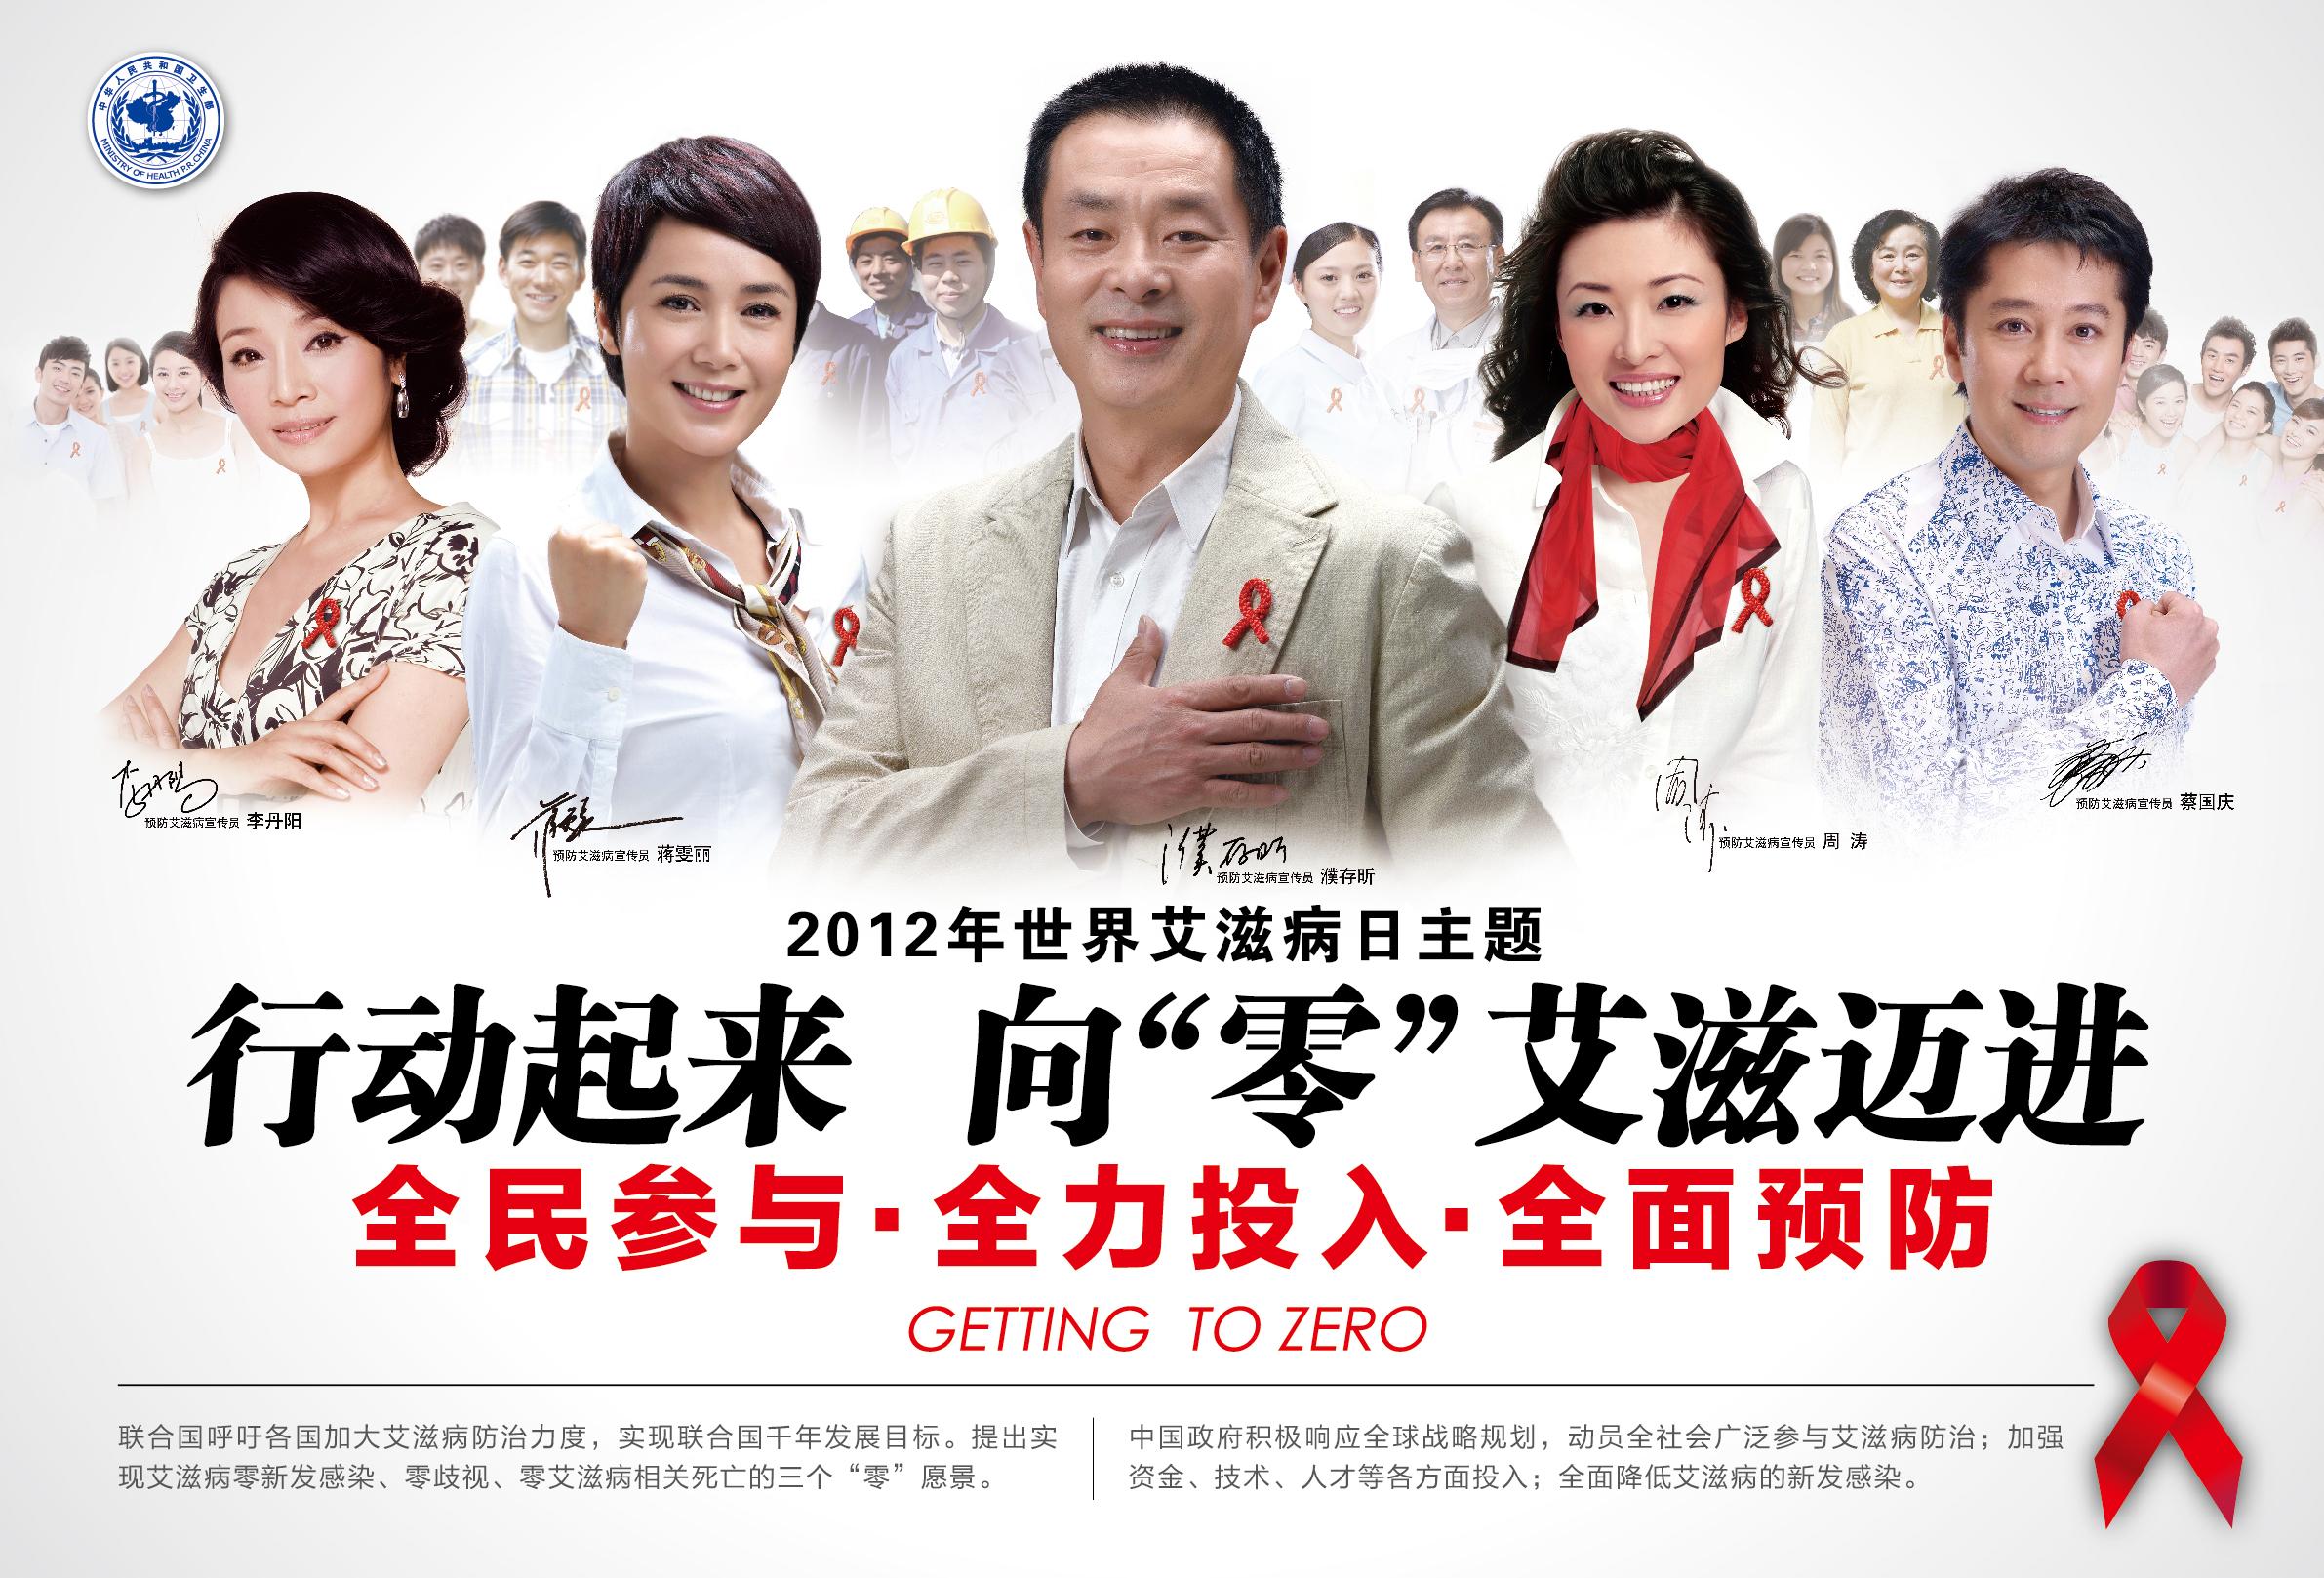 2012年是第几个世界艾滋病日?主题是什么?